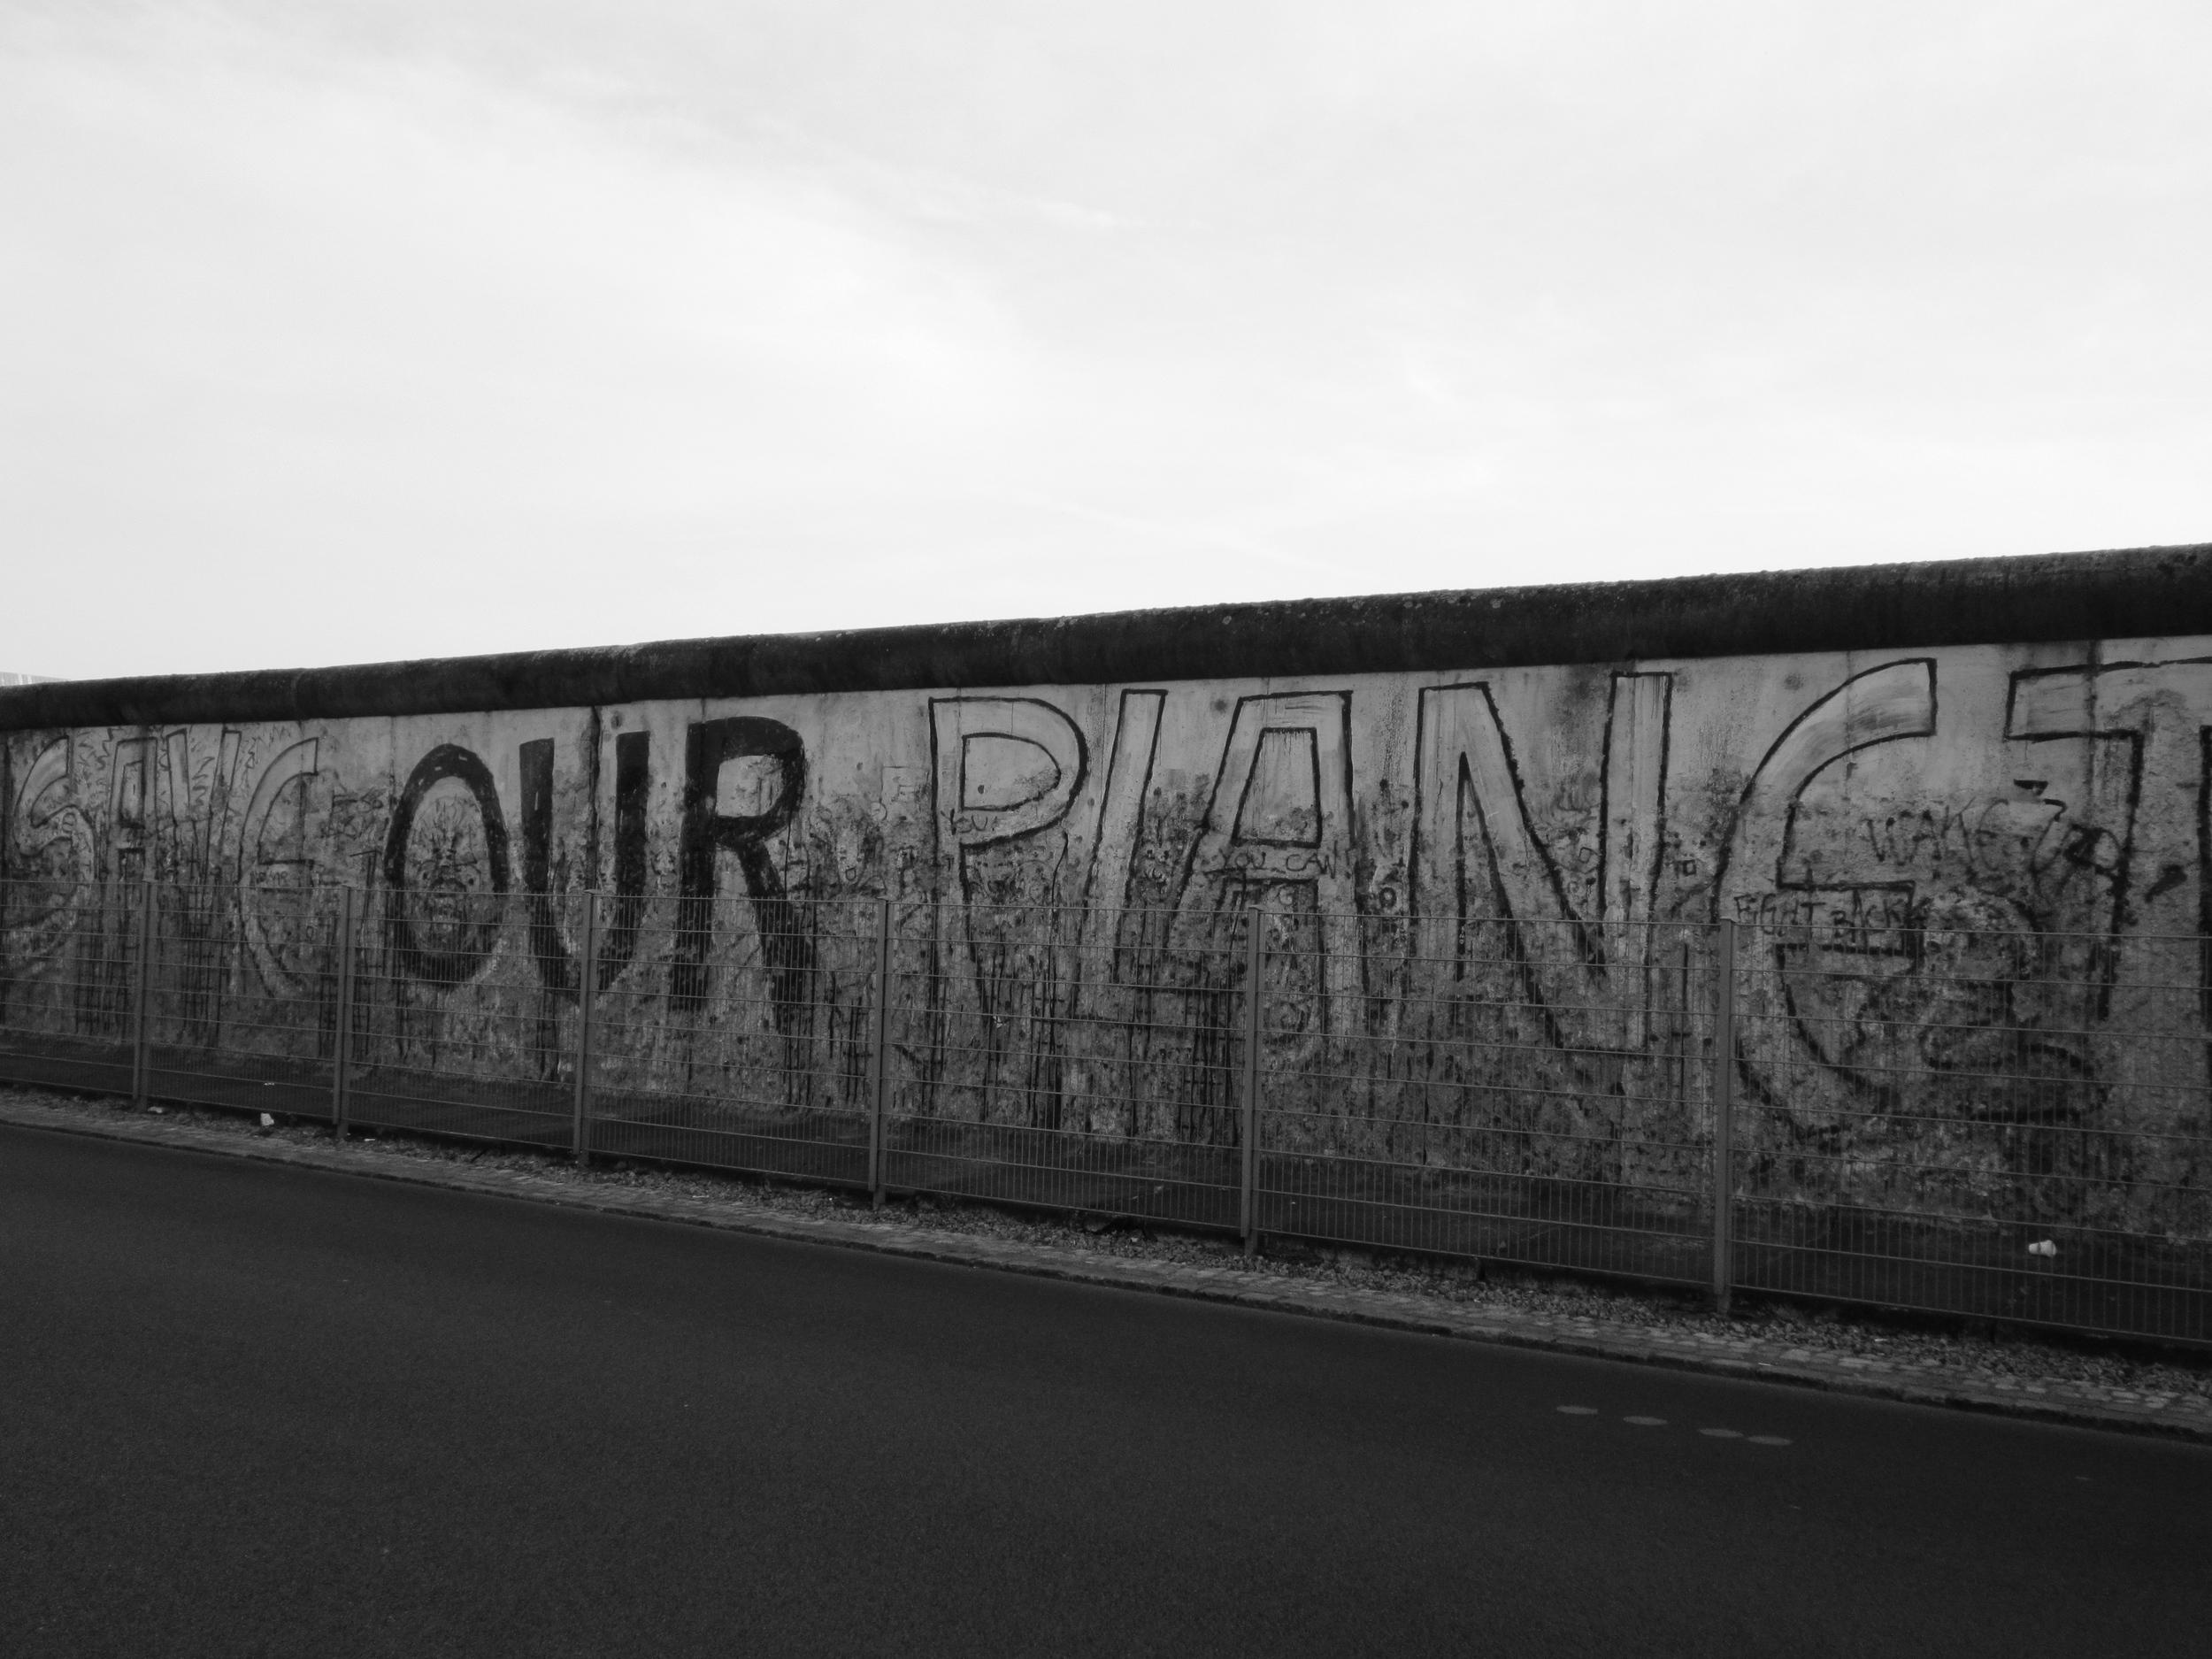 Berlin Wall - Berlin, Germany